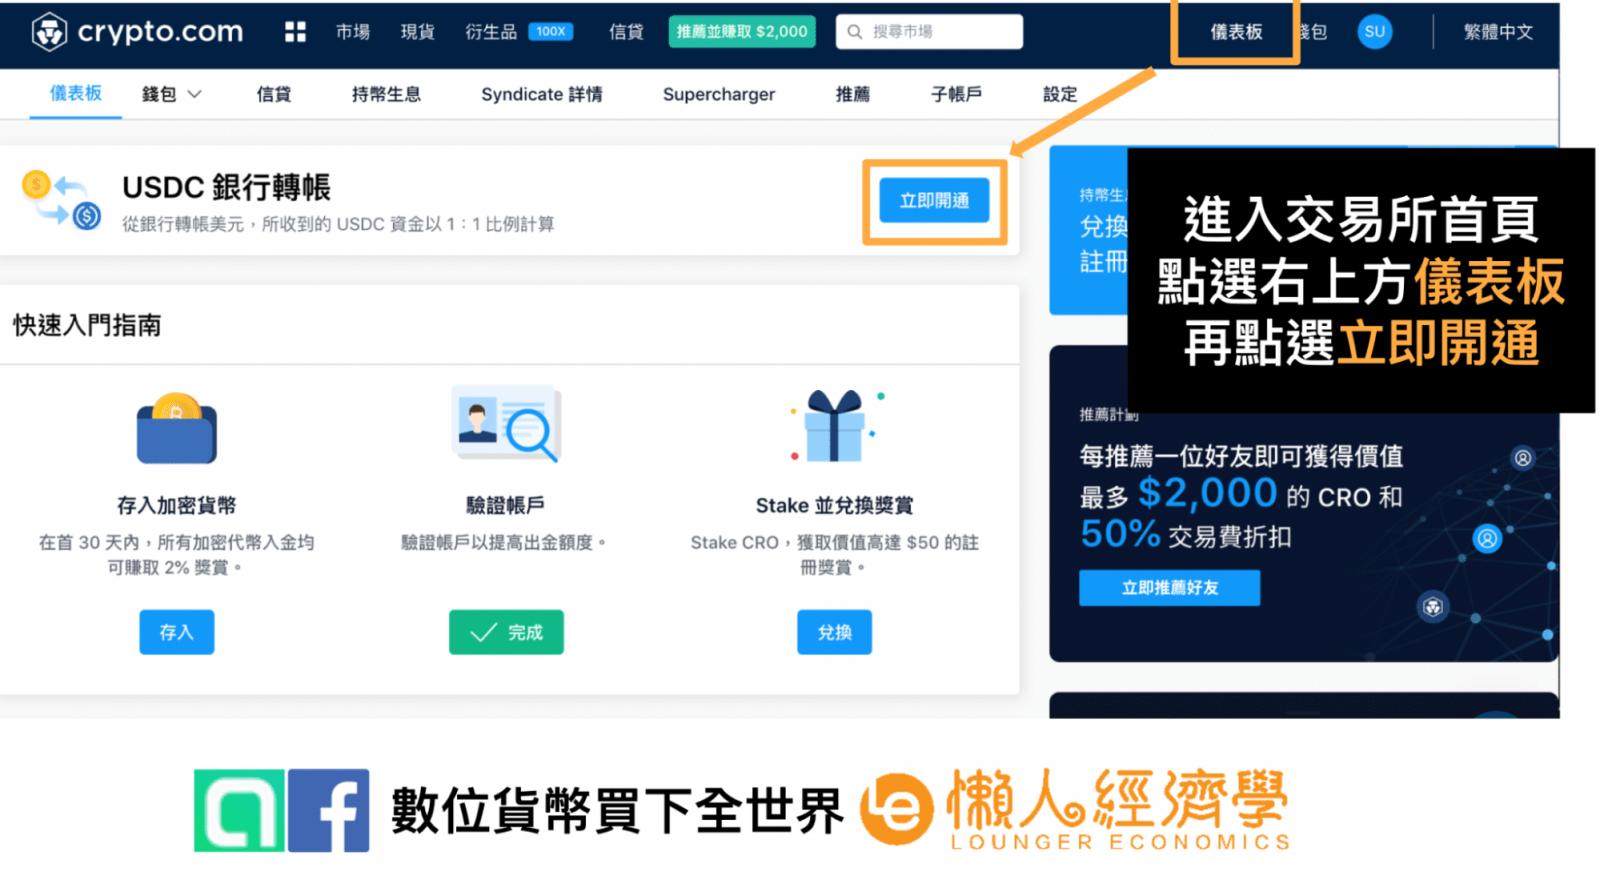 Crypto.com法幣帳戶開通教學: 1.進入USDC銀行轉帳開通入口